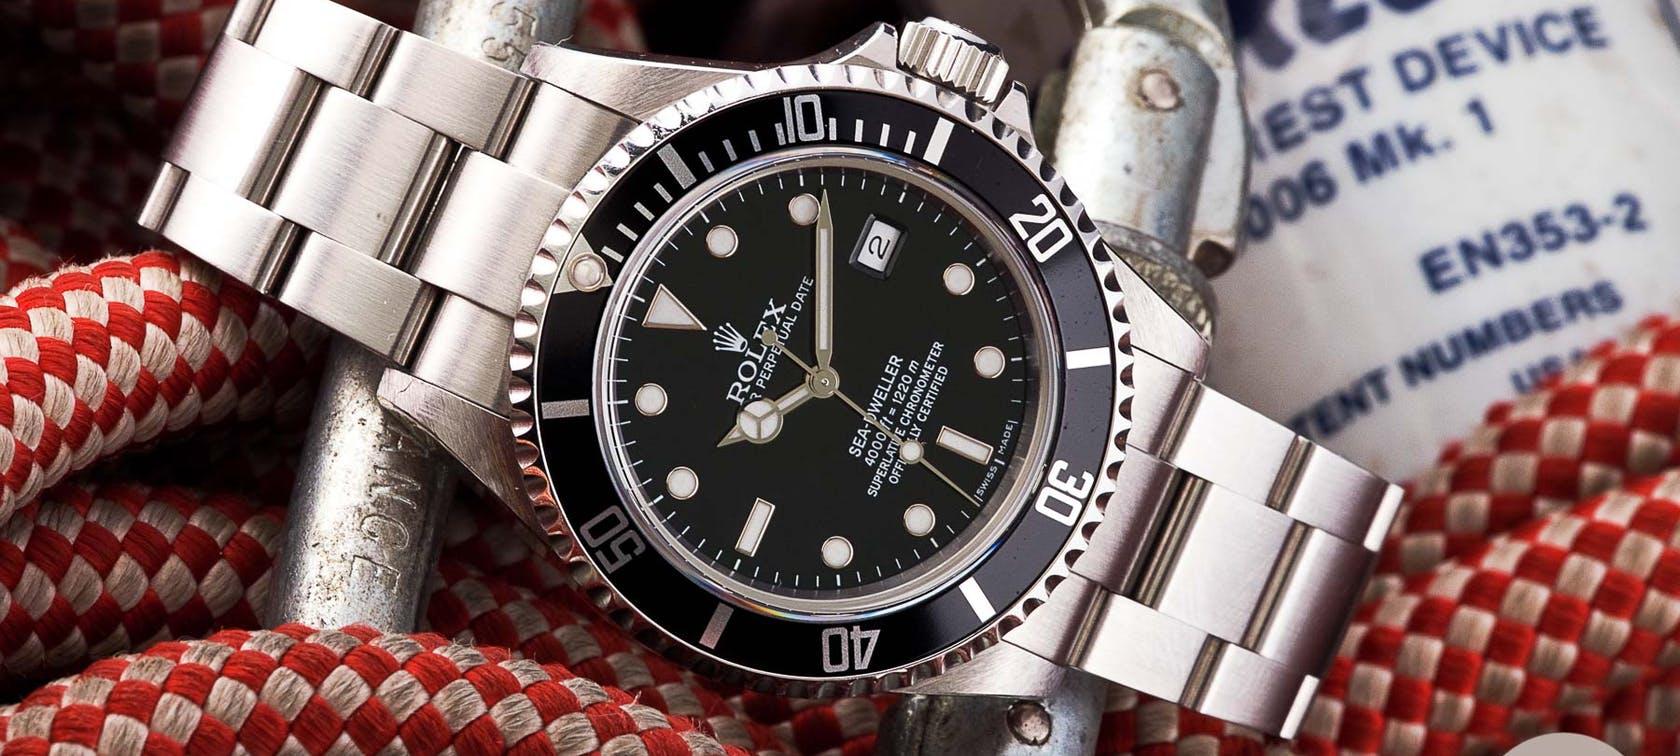 Đồng hồ Rolex và câu chuyện của những năm 1980